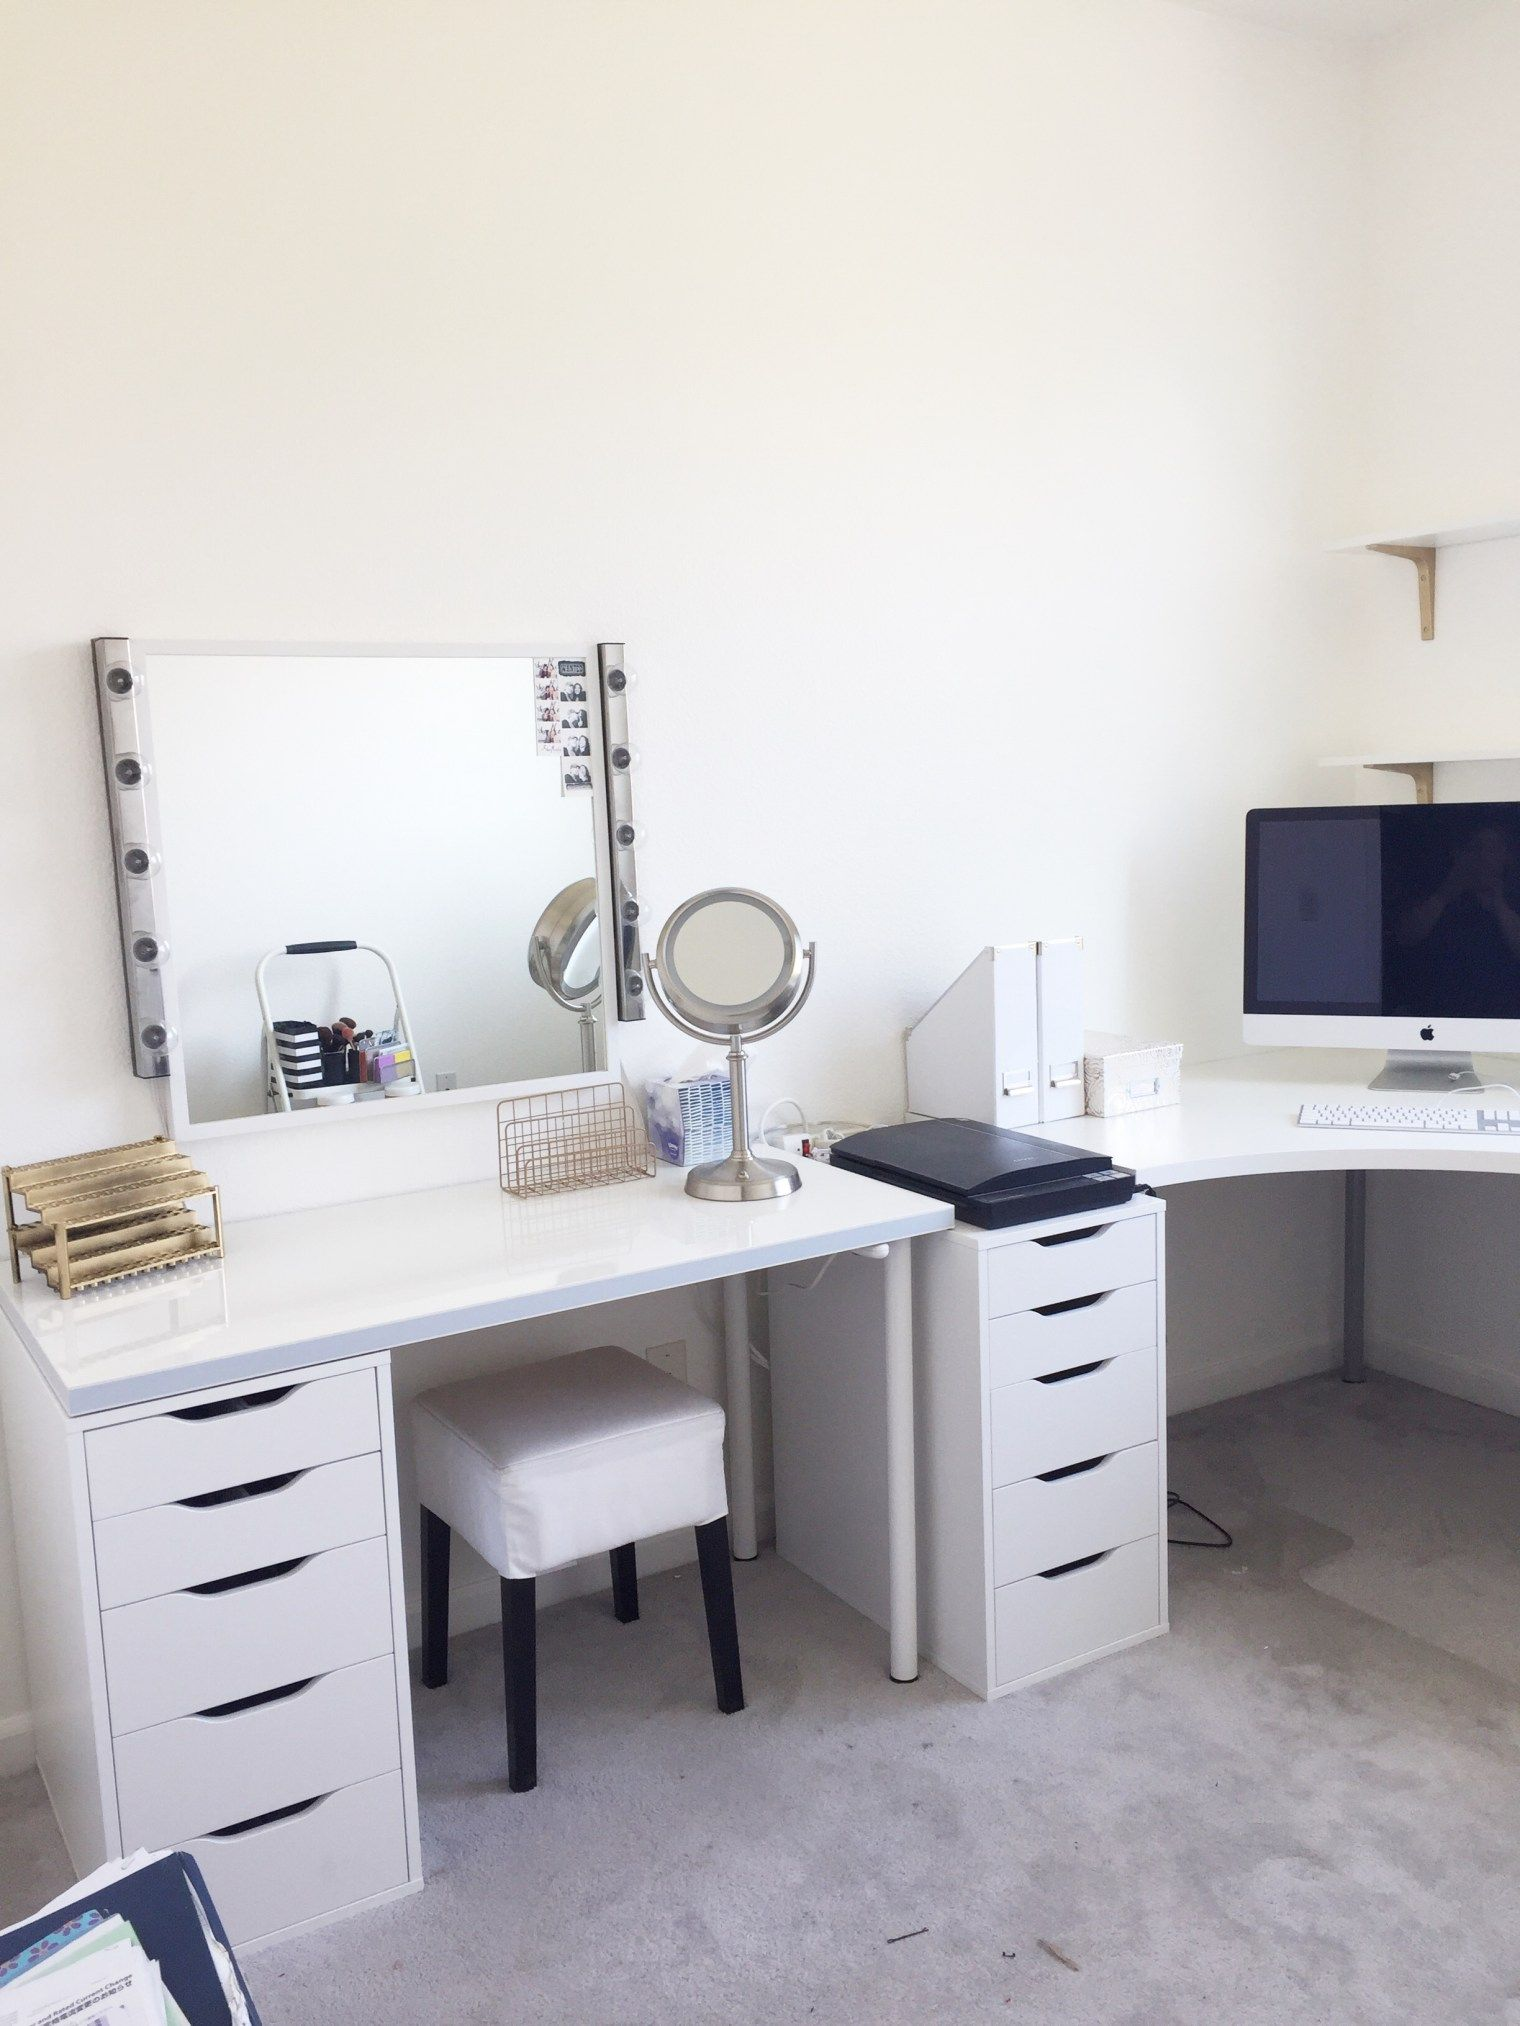 Ikea Us Furniture And Home Furnishings Diy Vanity Mirror Diy Makeup Vanity Diy Vanity